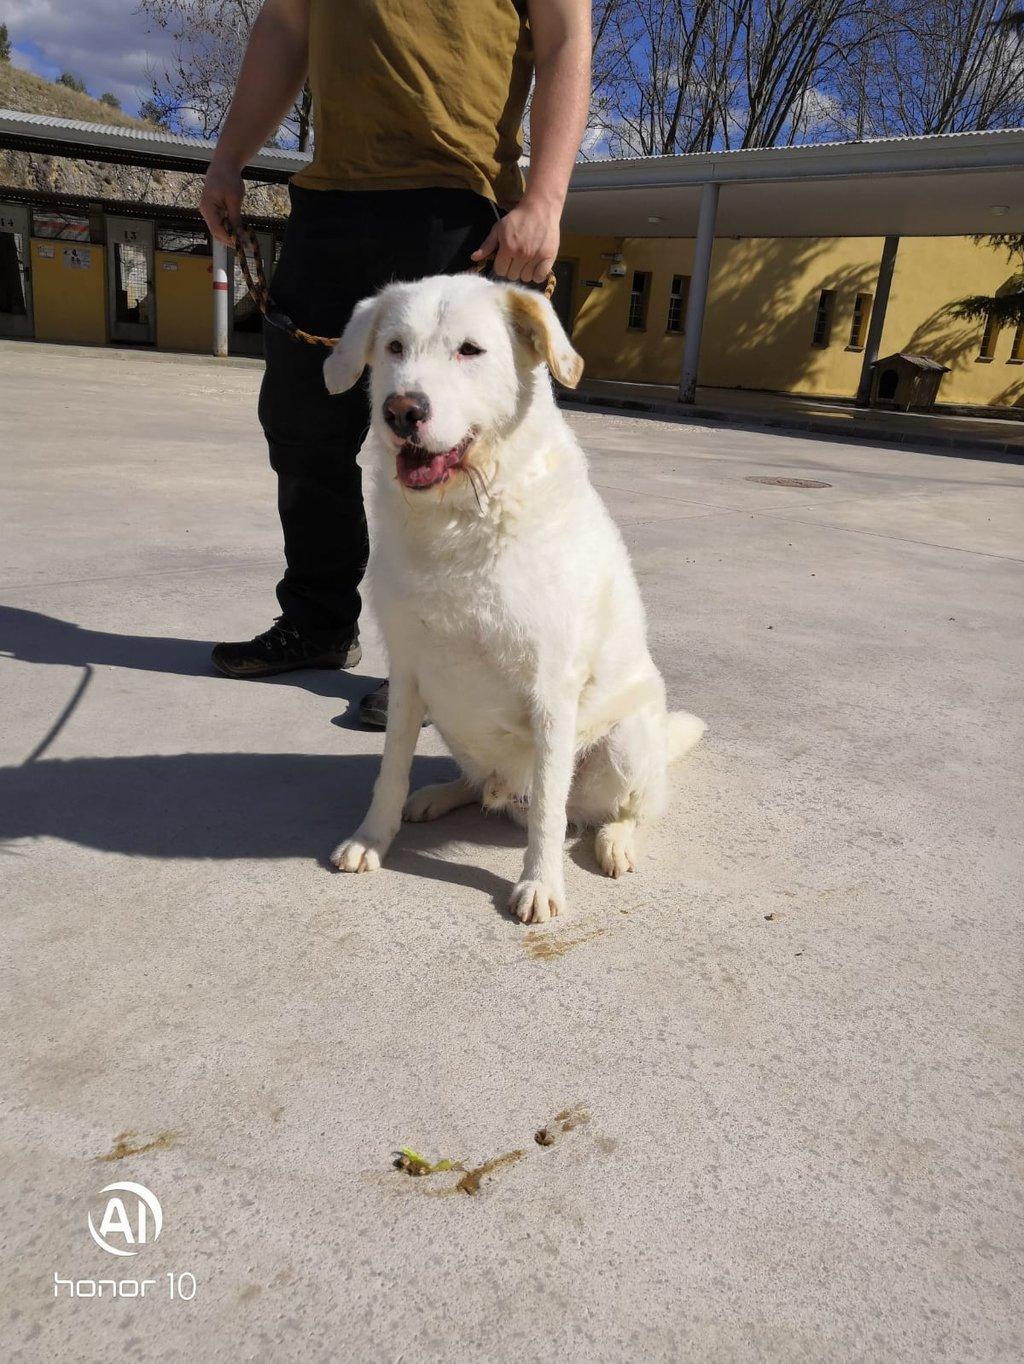 Bildertagebuch - THOR, kein Hund für Couchpotatoes - ÜBER ANDERE ORGA VERMITTELT - 35667759cj